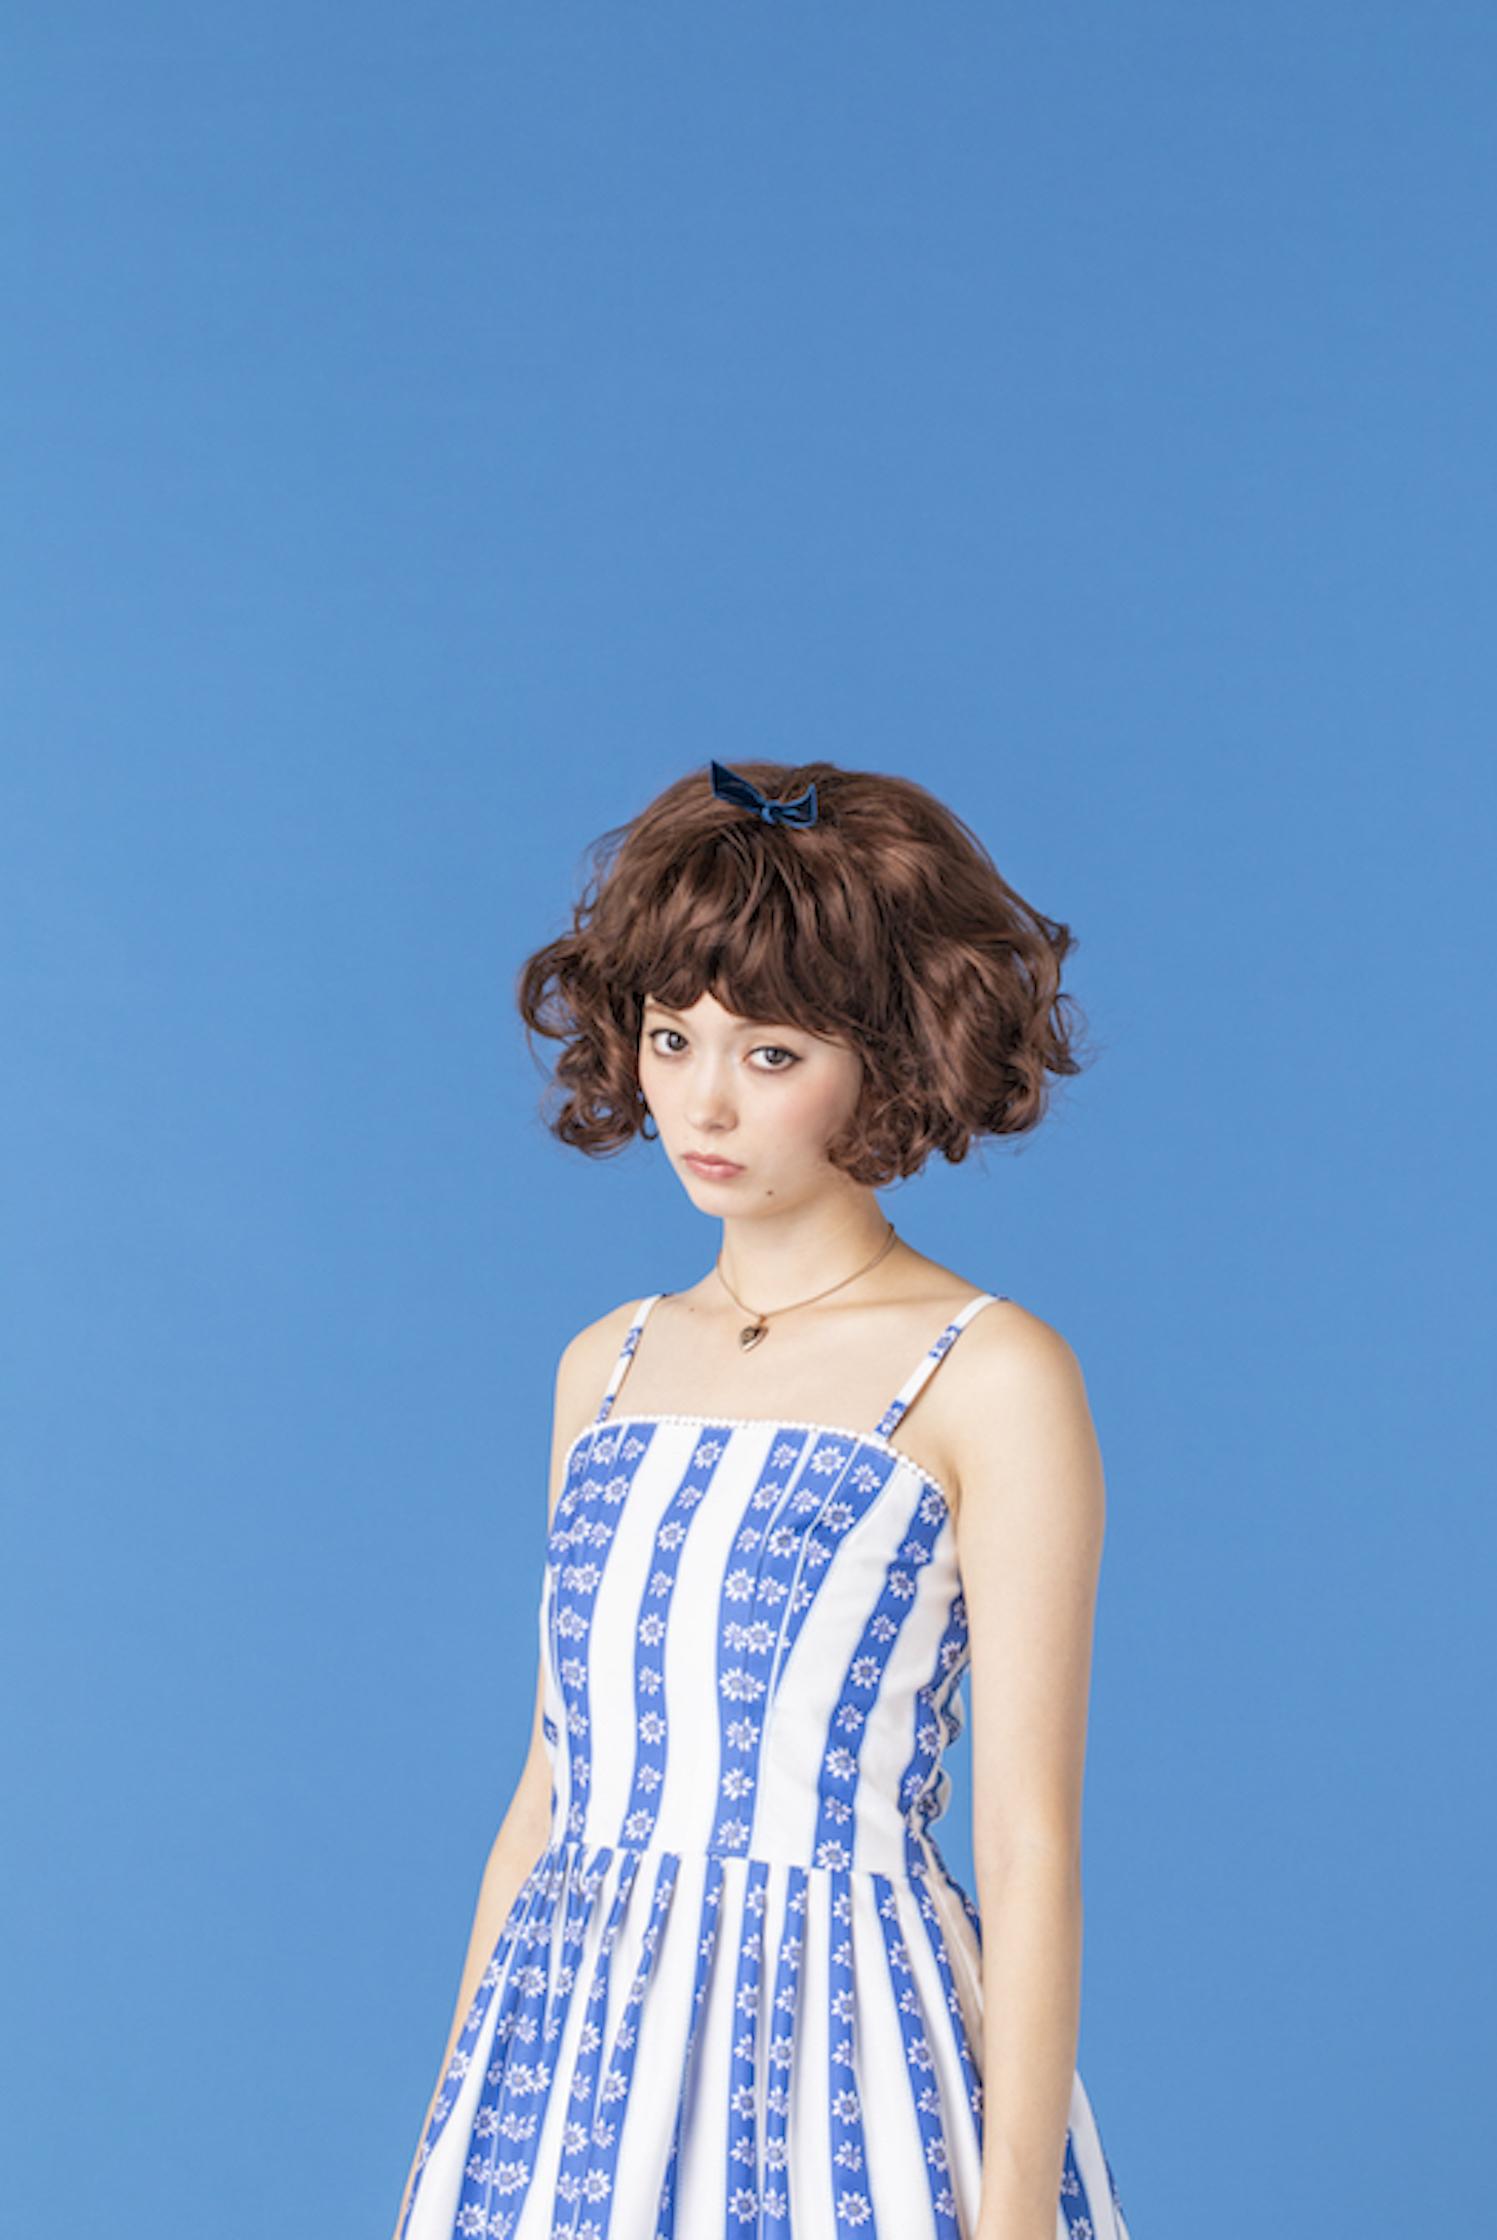 __ピュアで自由な女の青